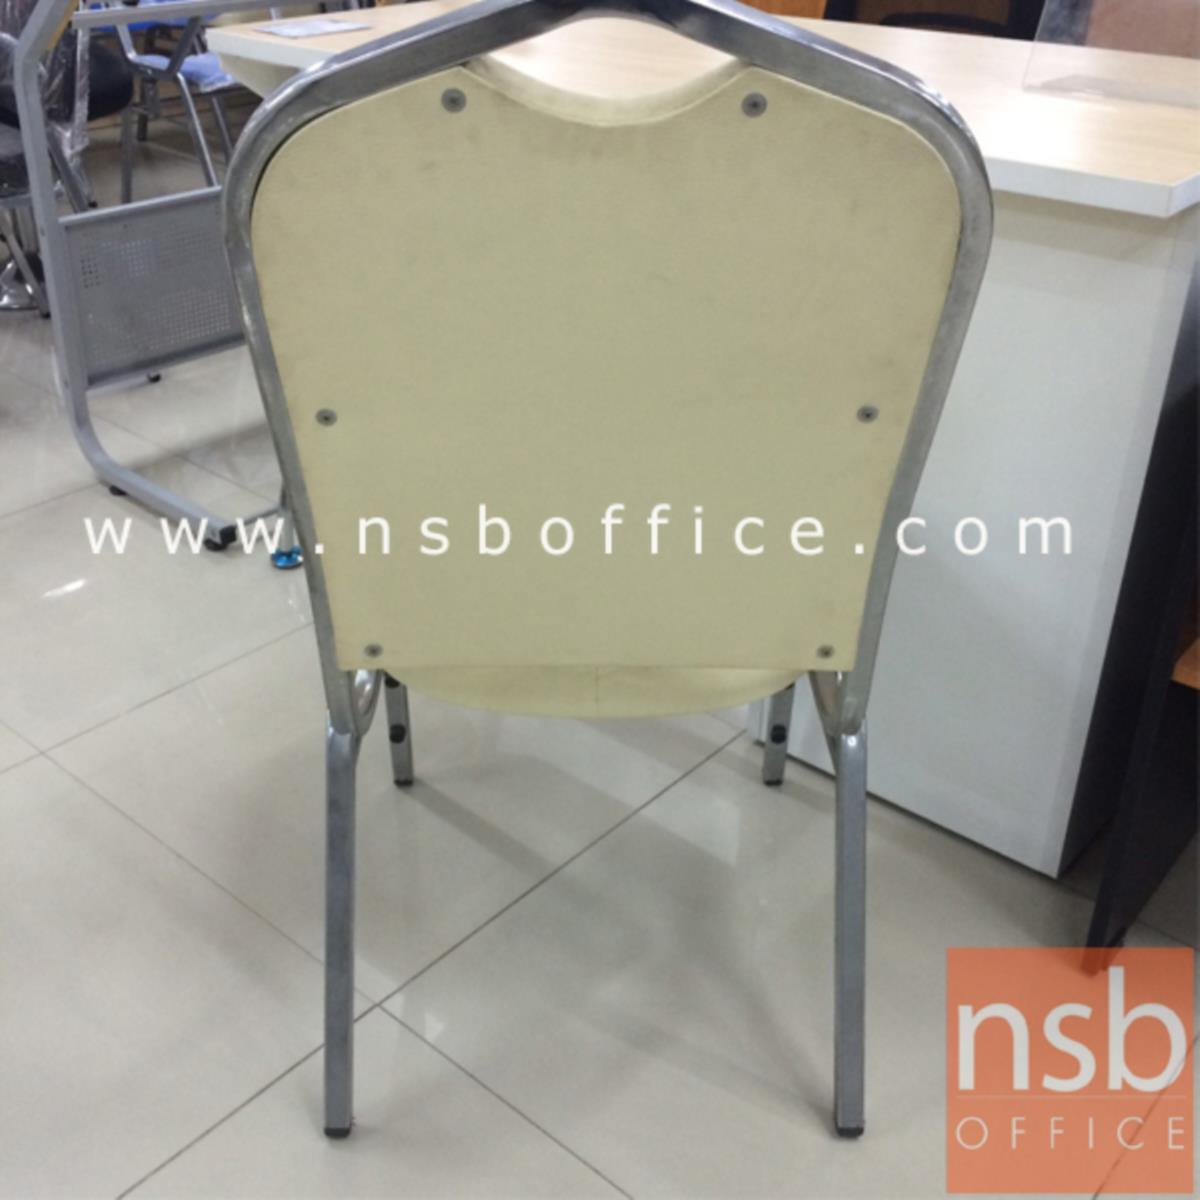 เก้าอี้อเนกประสงค์จัดเลี้ยง  ขนาด 93H cm. ขาเหล็กชุบโครเมี่ยม